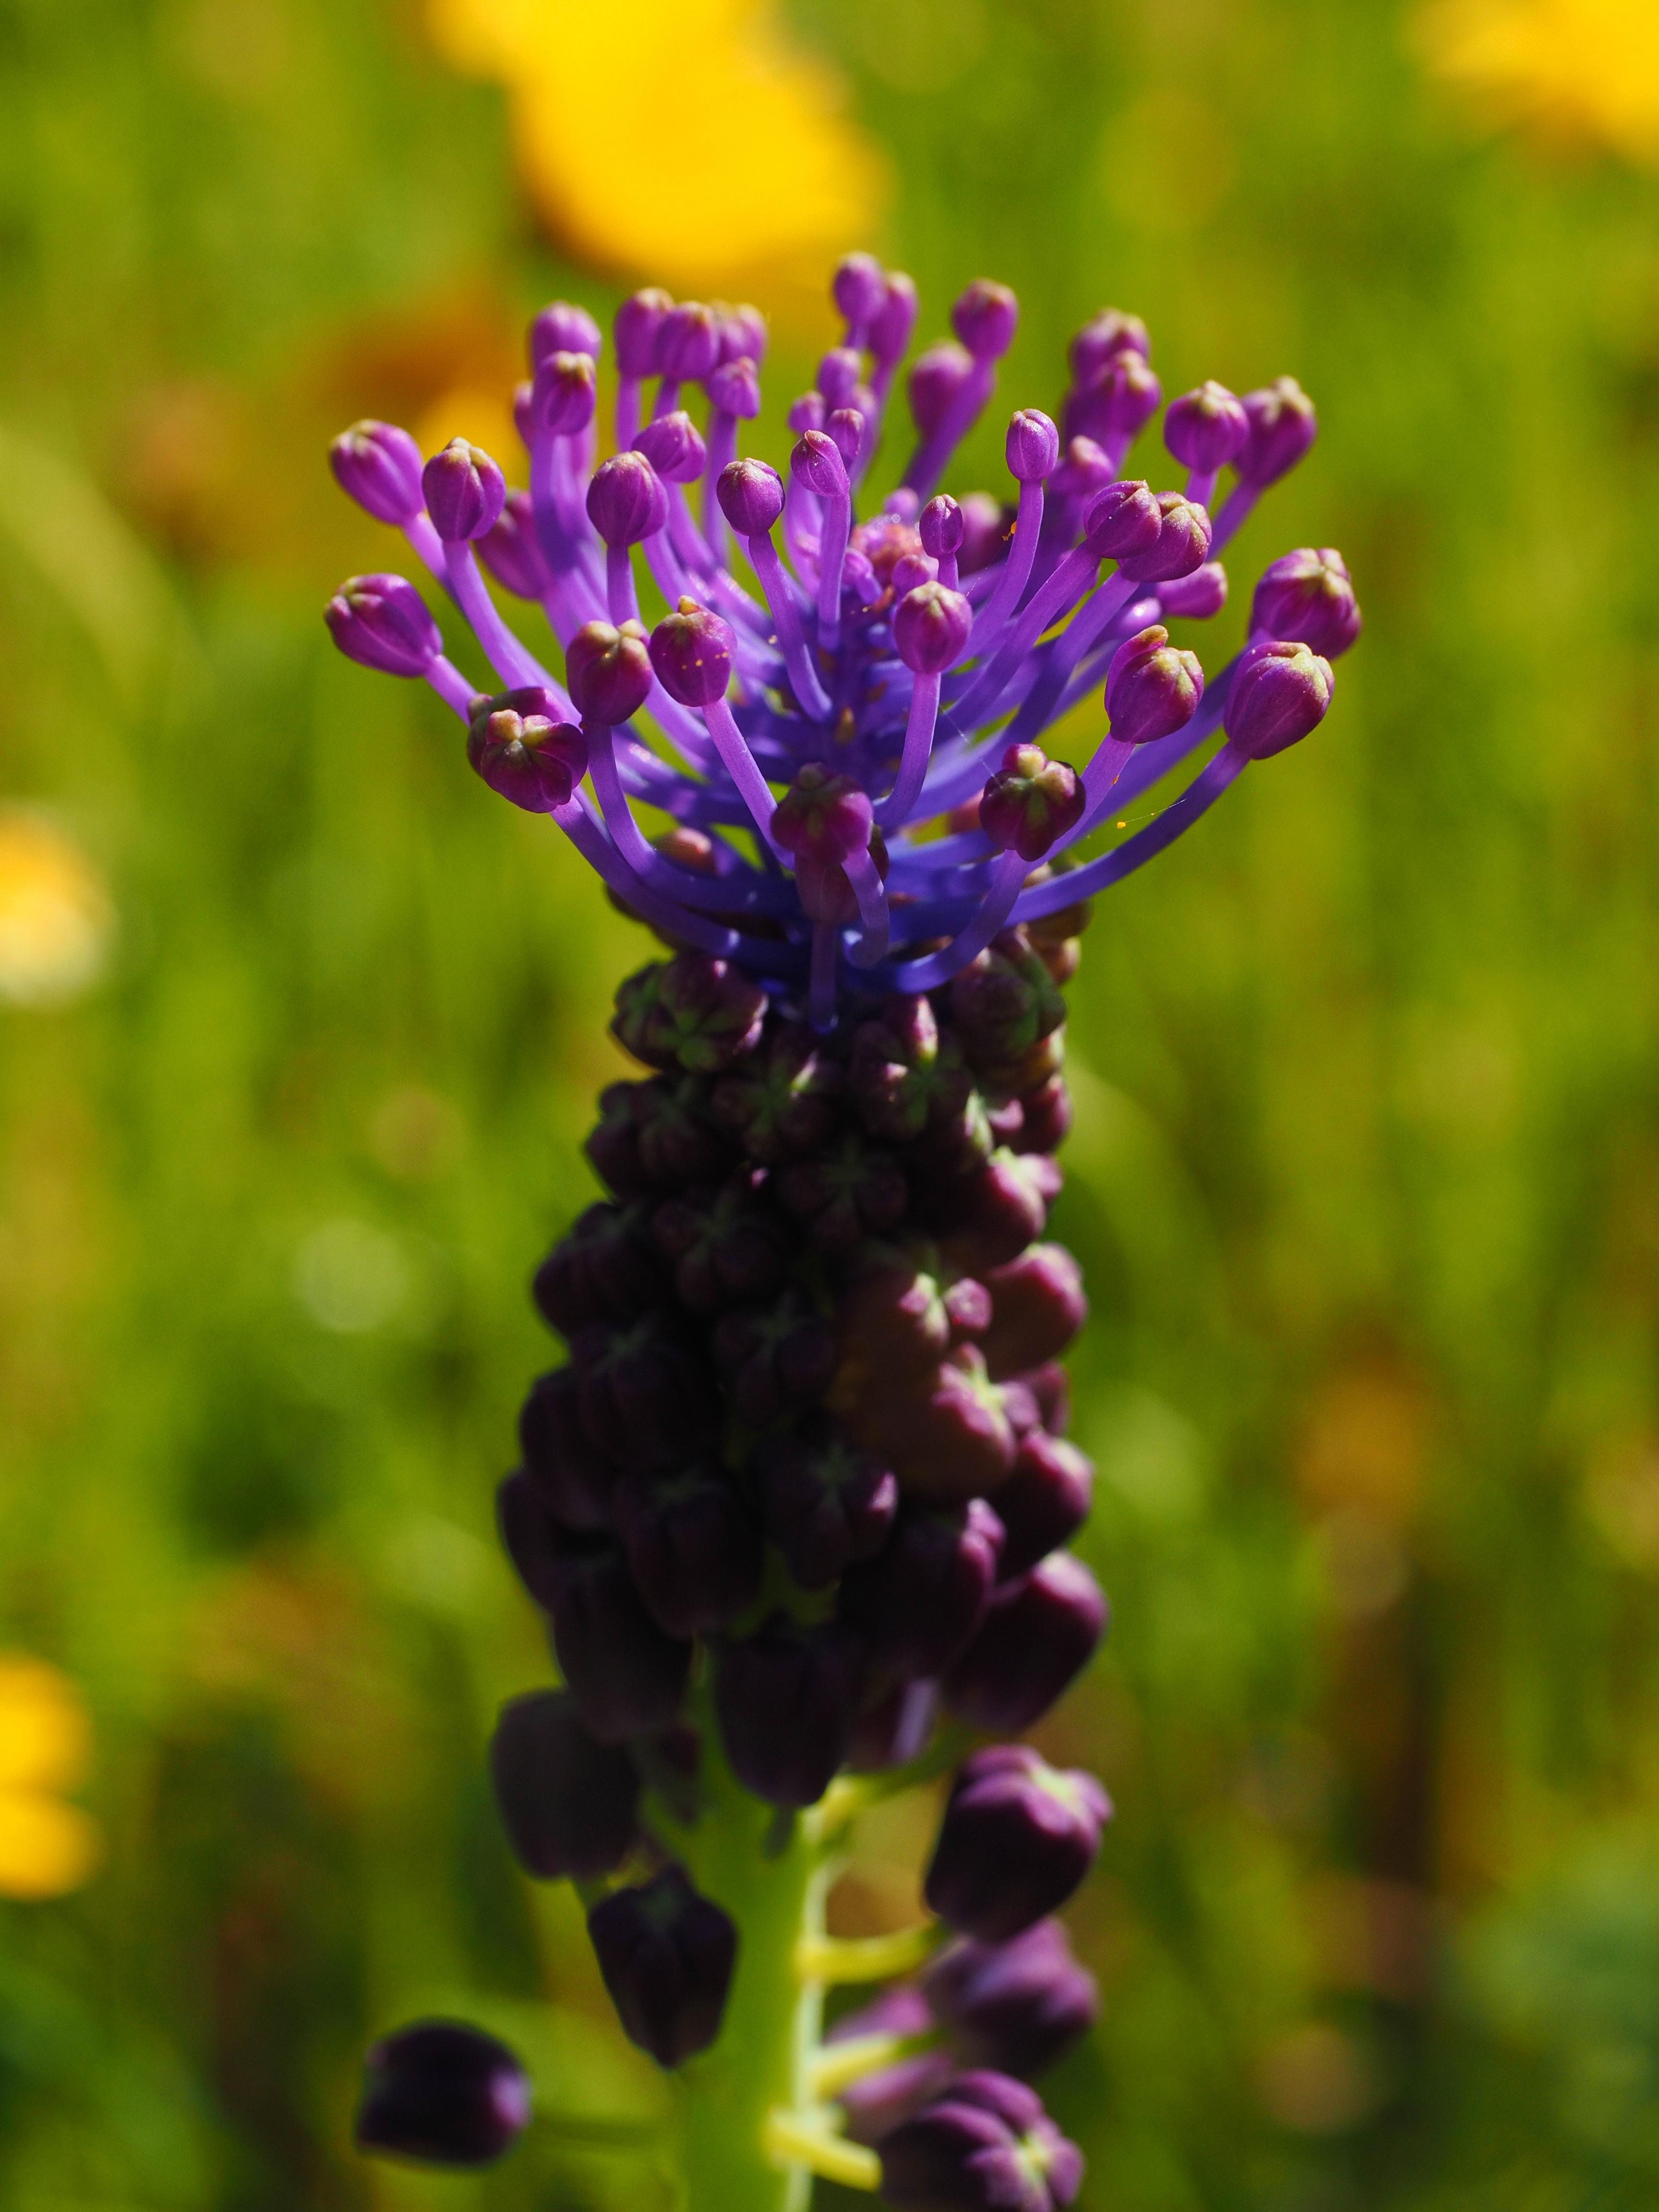 Blumenwiese Englisch kostenlose foto tabelle blühen wiese botanik flora